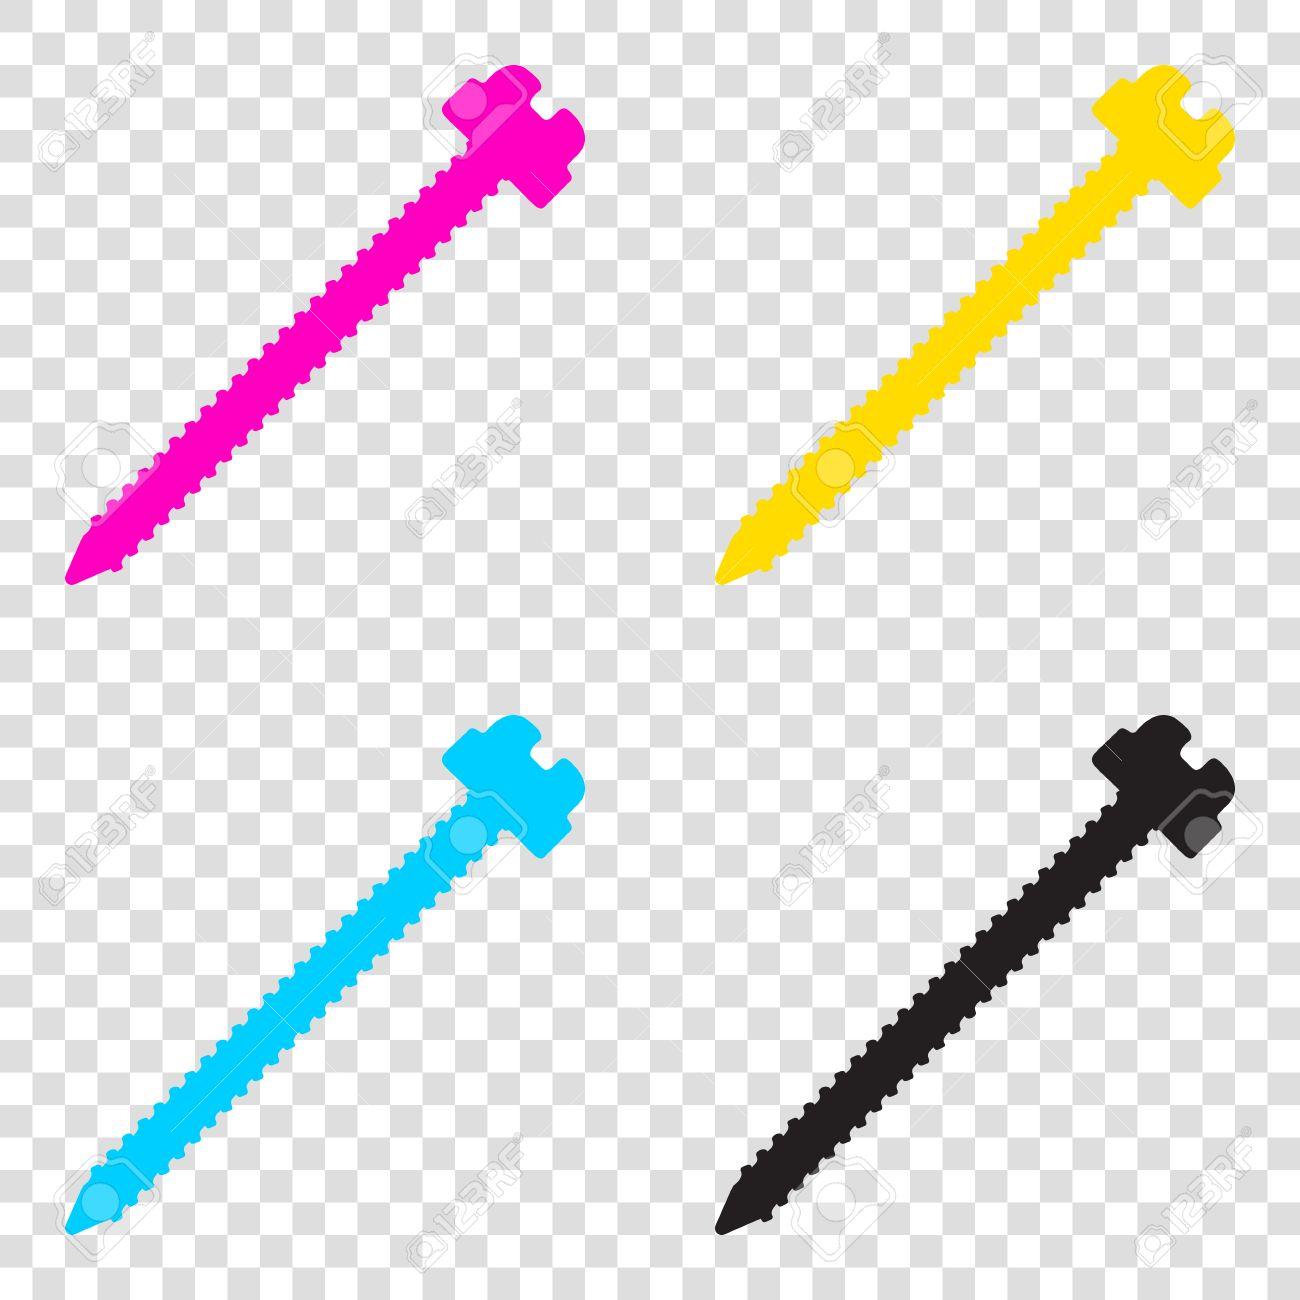 Ilustracin de la muestra del tornillo iconos de cmyk en fondo ilustracin de la muestra del tornillo iconos de cmyk en fondo transparente cian malvernweather Image collections